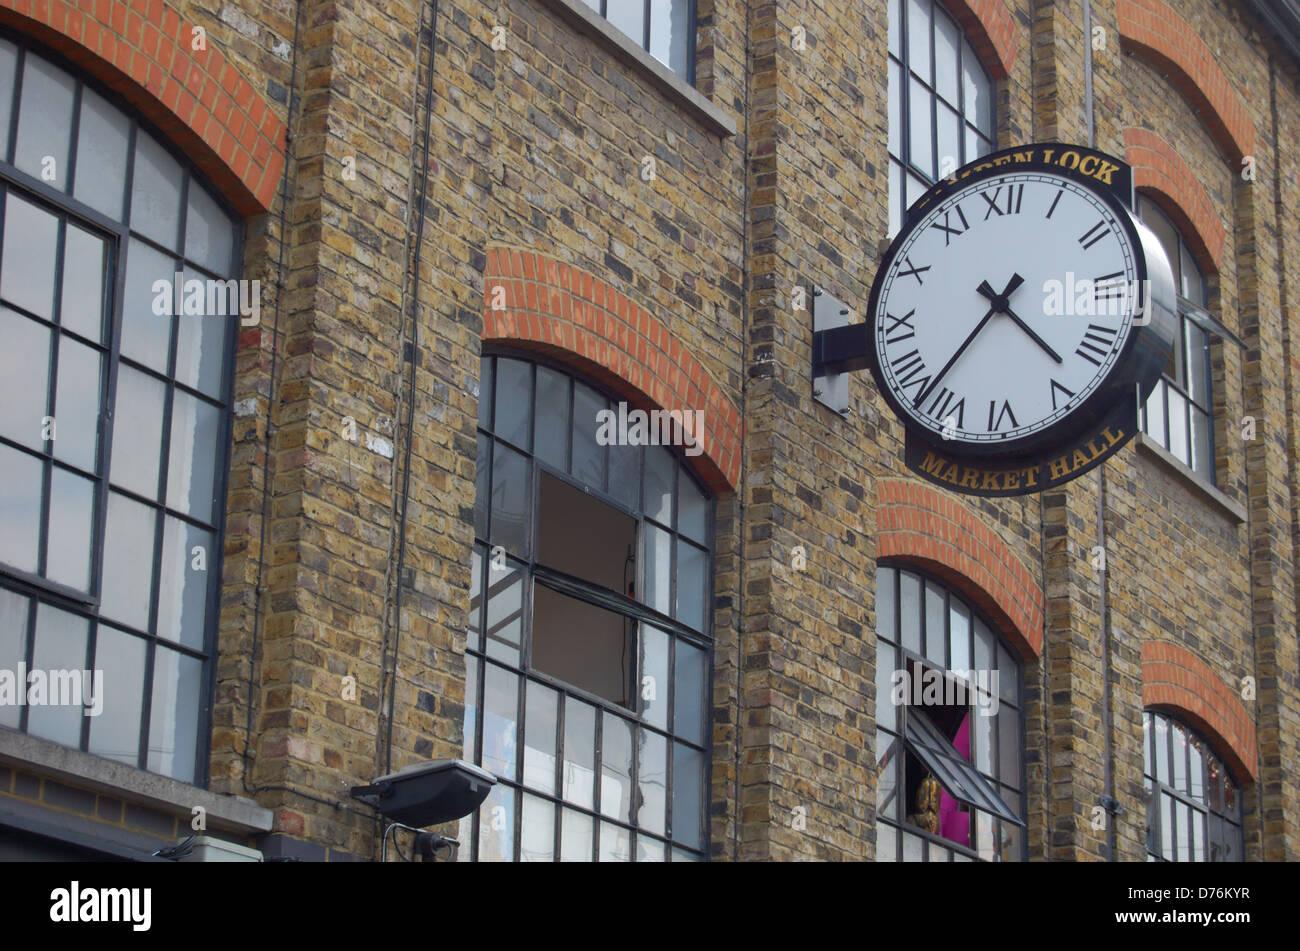 DESIREE: Lock wall in london